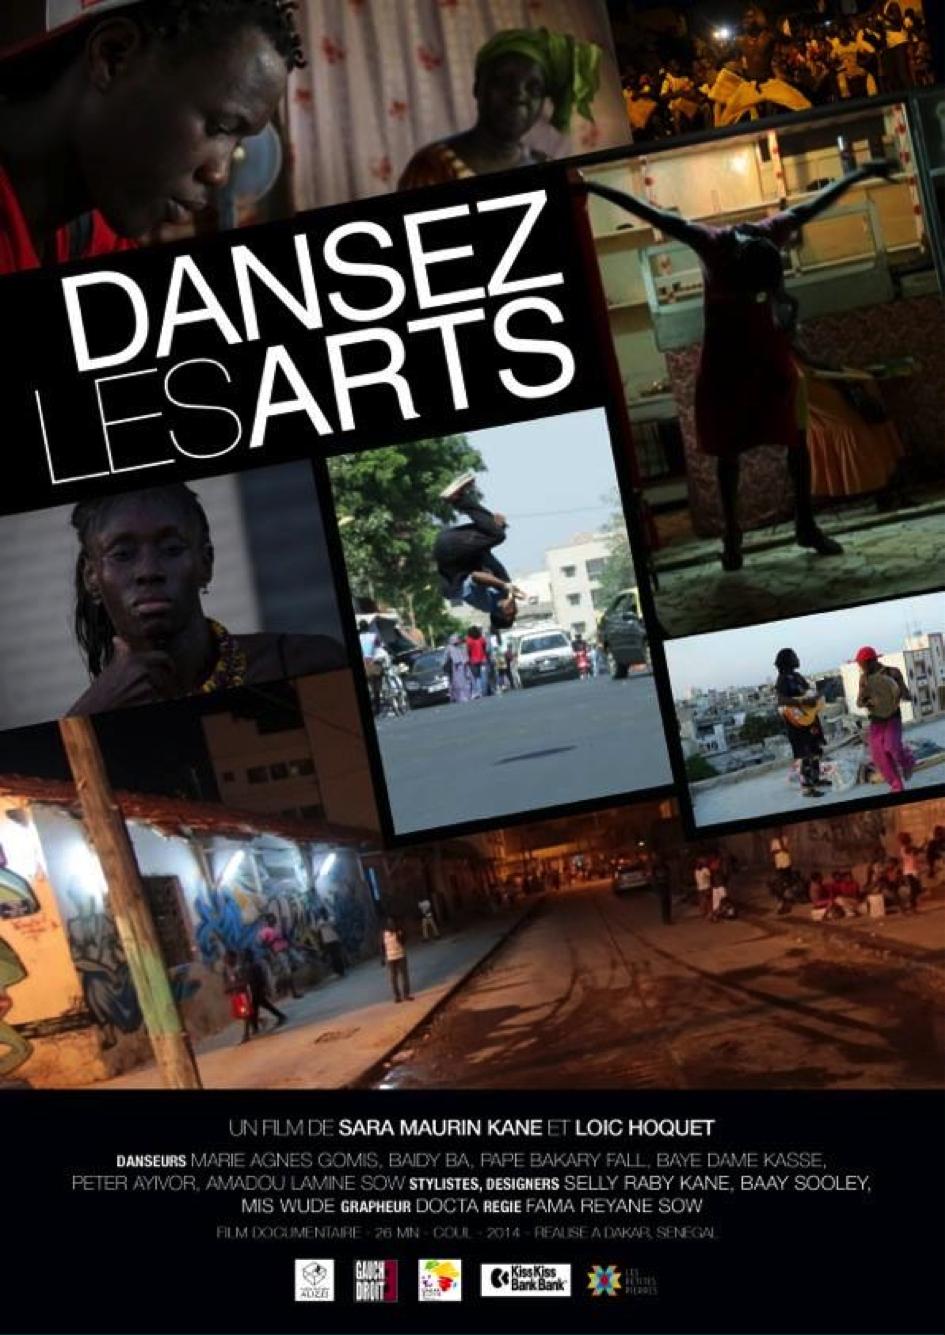 Danser les Arts